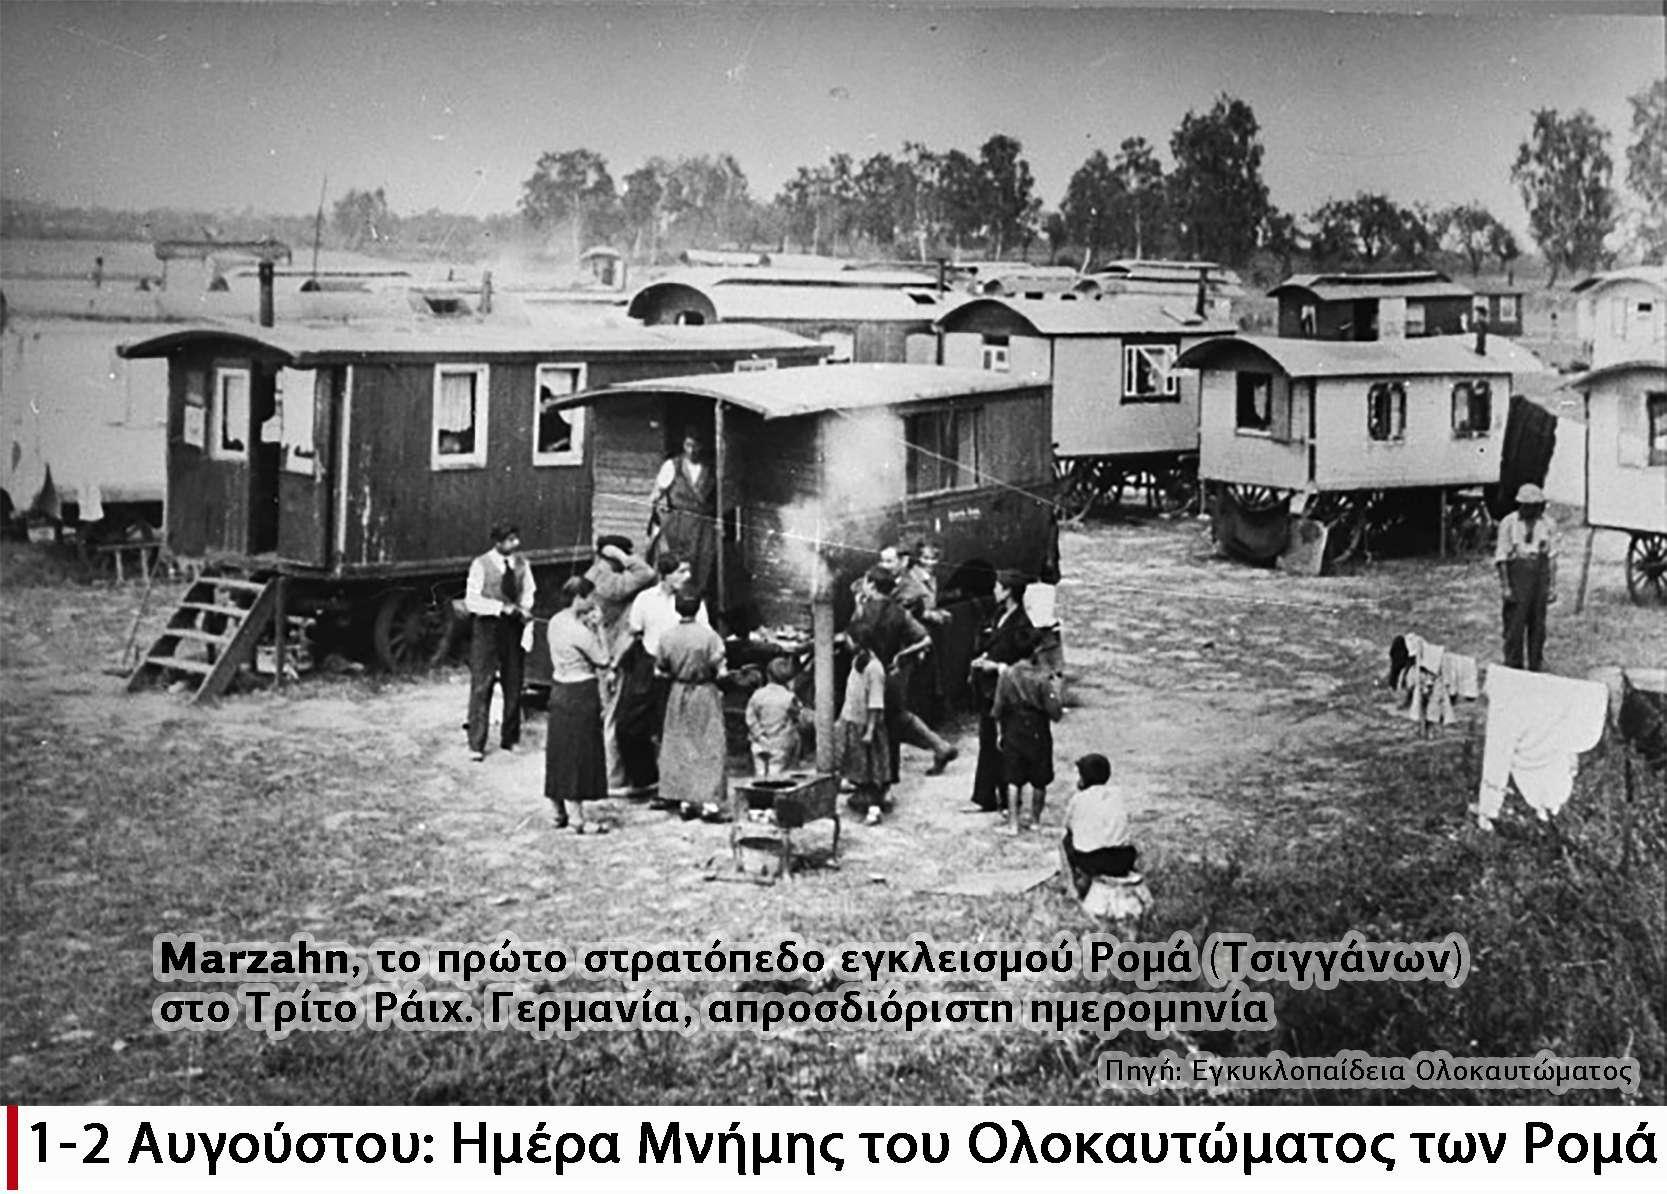 1 2 Αυγούστου Ημέρα Μνήμης του Ολοκαυτώματος των Ρομά